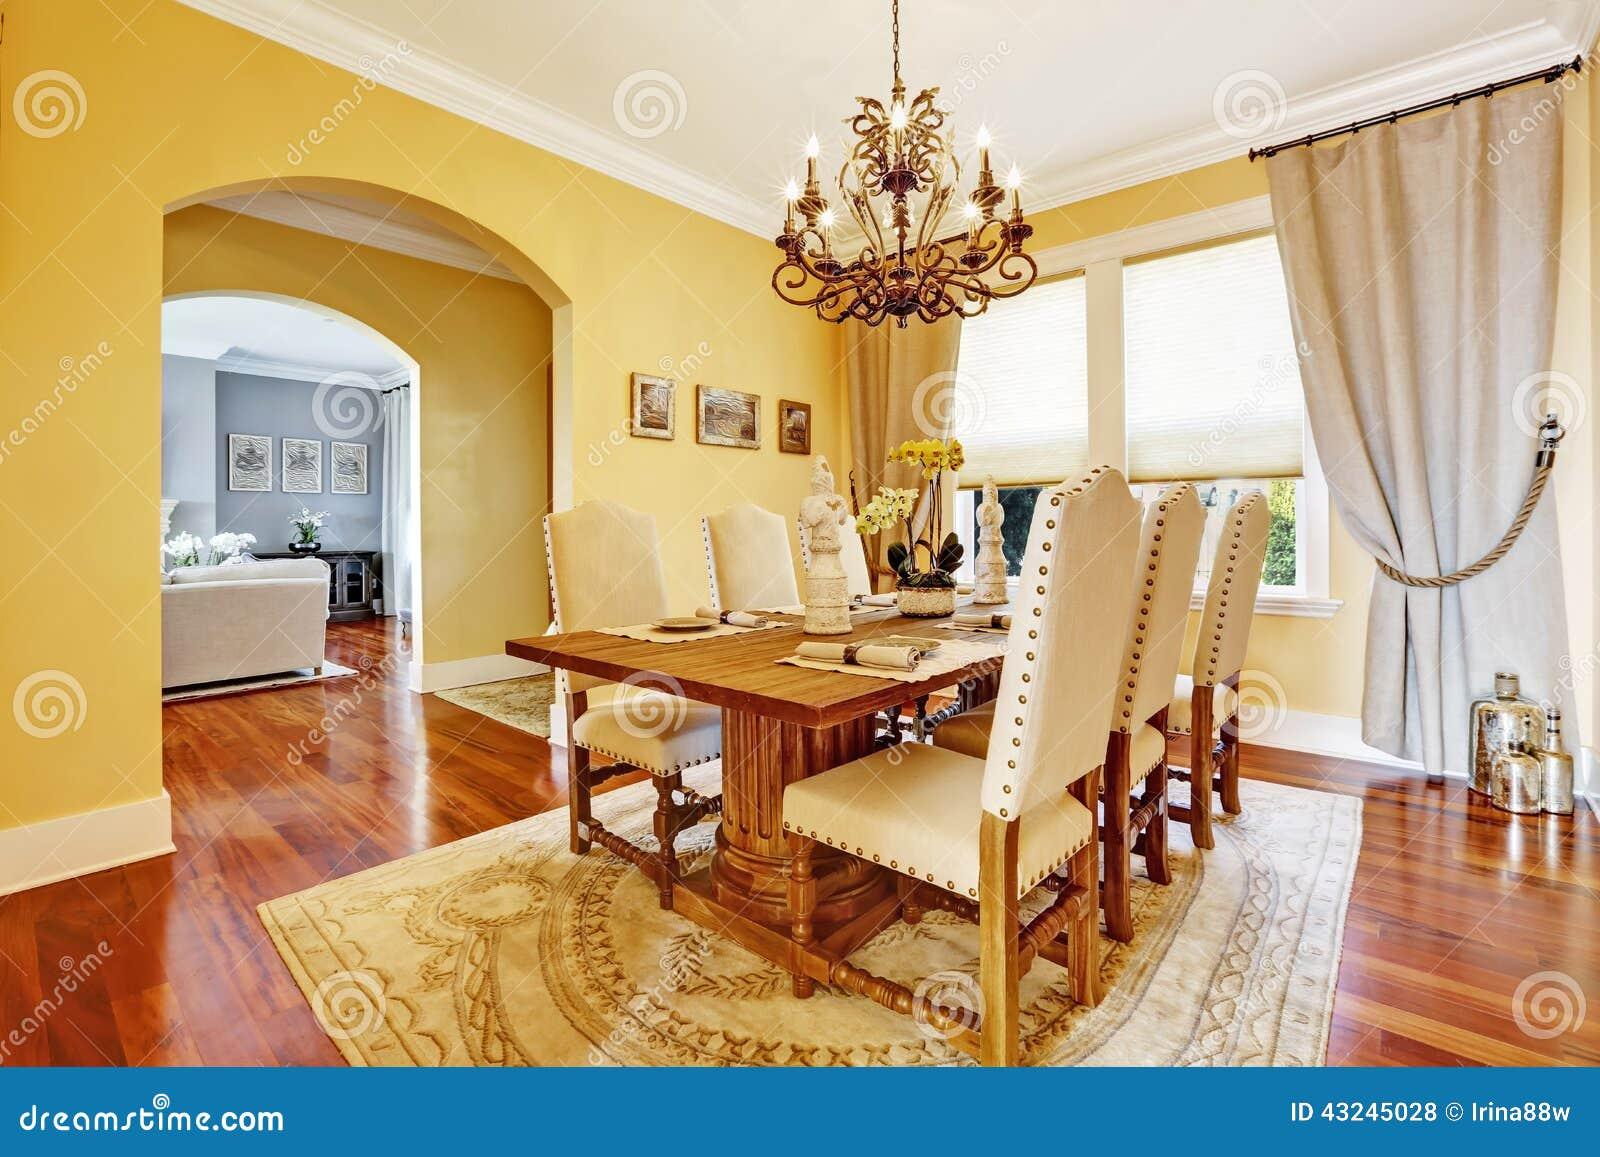 salle manger de luxe avec la table en bois d coup e photo stock image 43245028. Black Bedroom Furniture Sets. Home Design Ideas